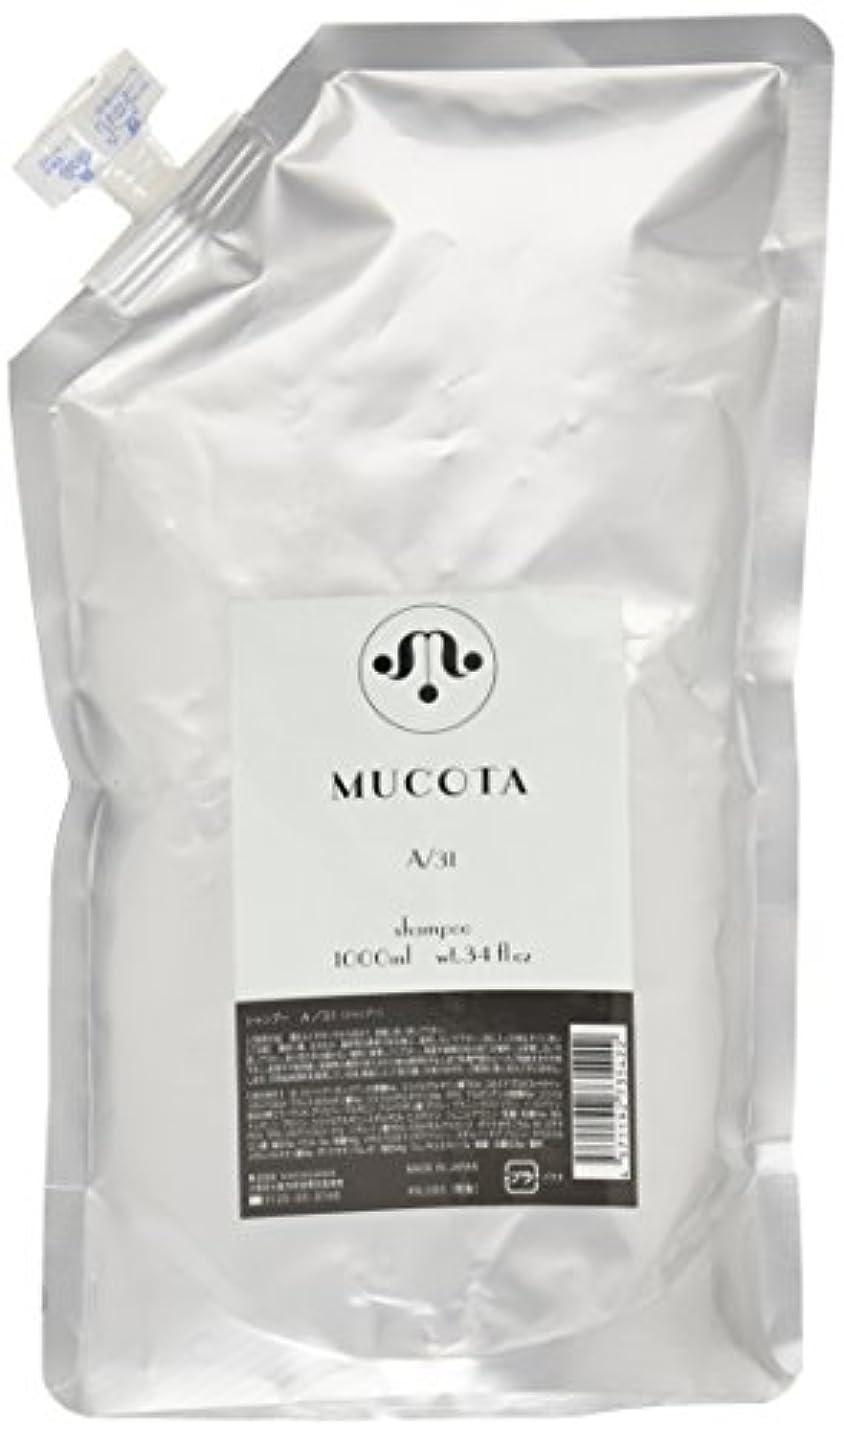 均等に雑草小麦ムコタ シャンプー A/31 1000ml